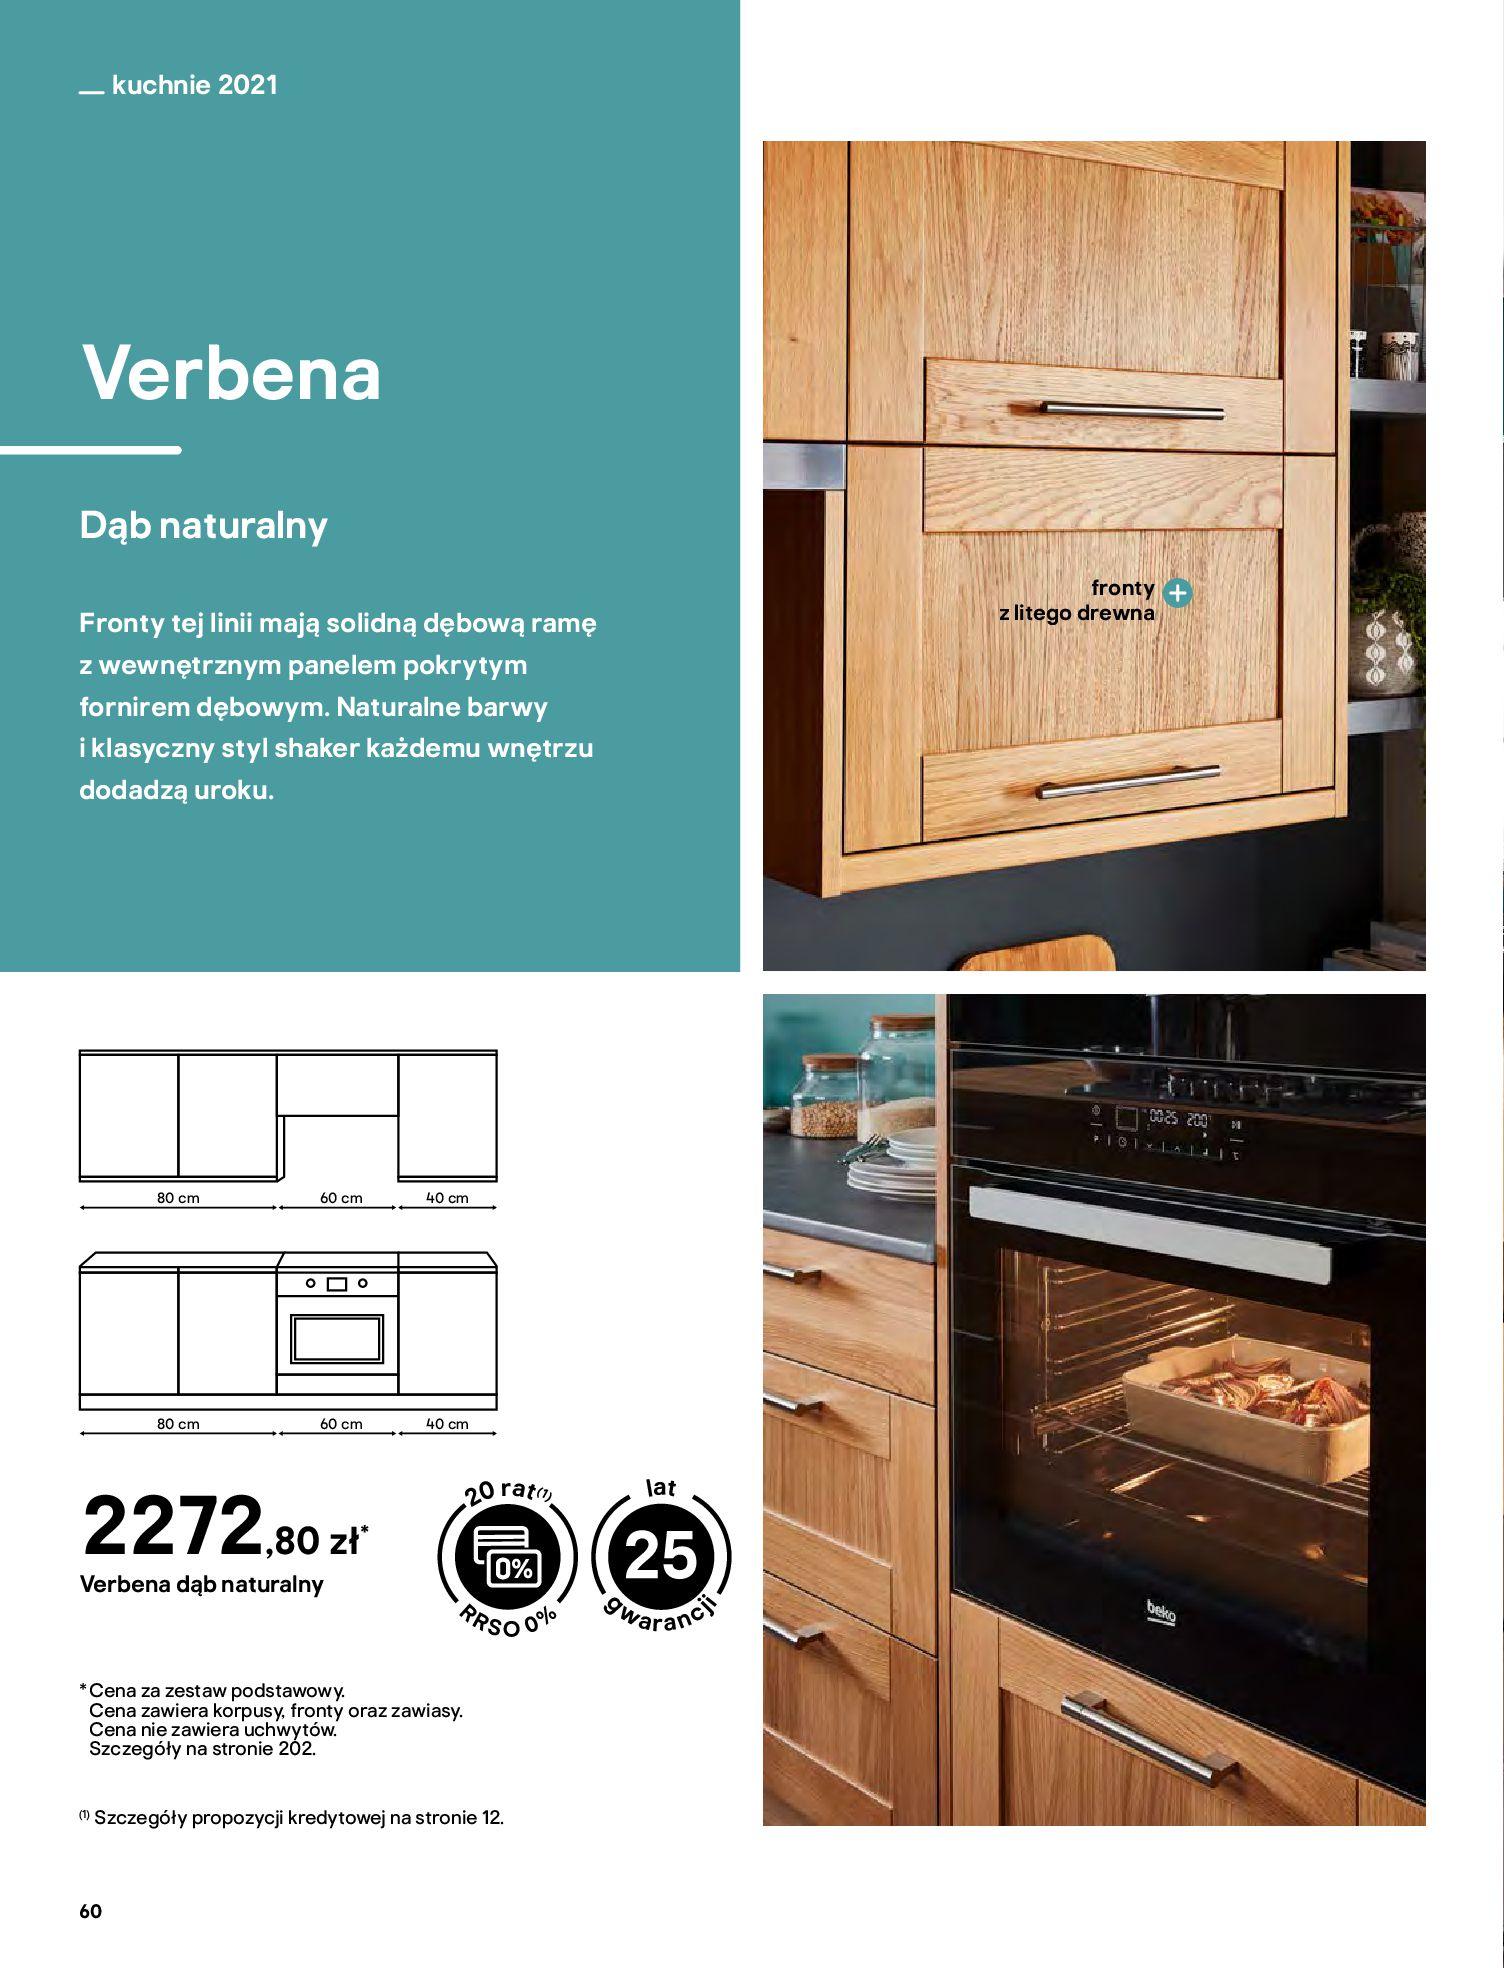 Gazetka Castorama: Katalog kuchnie 2021 2021-05-04 page-60